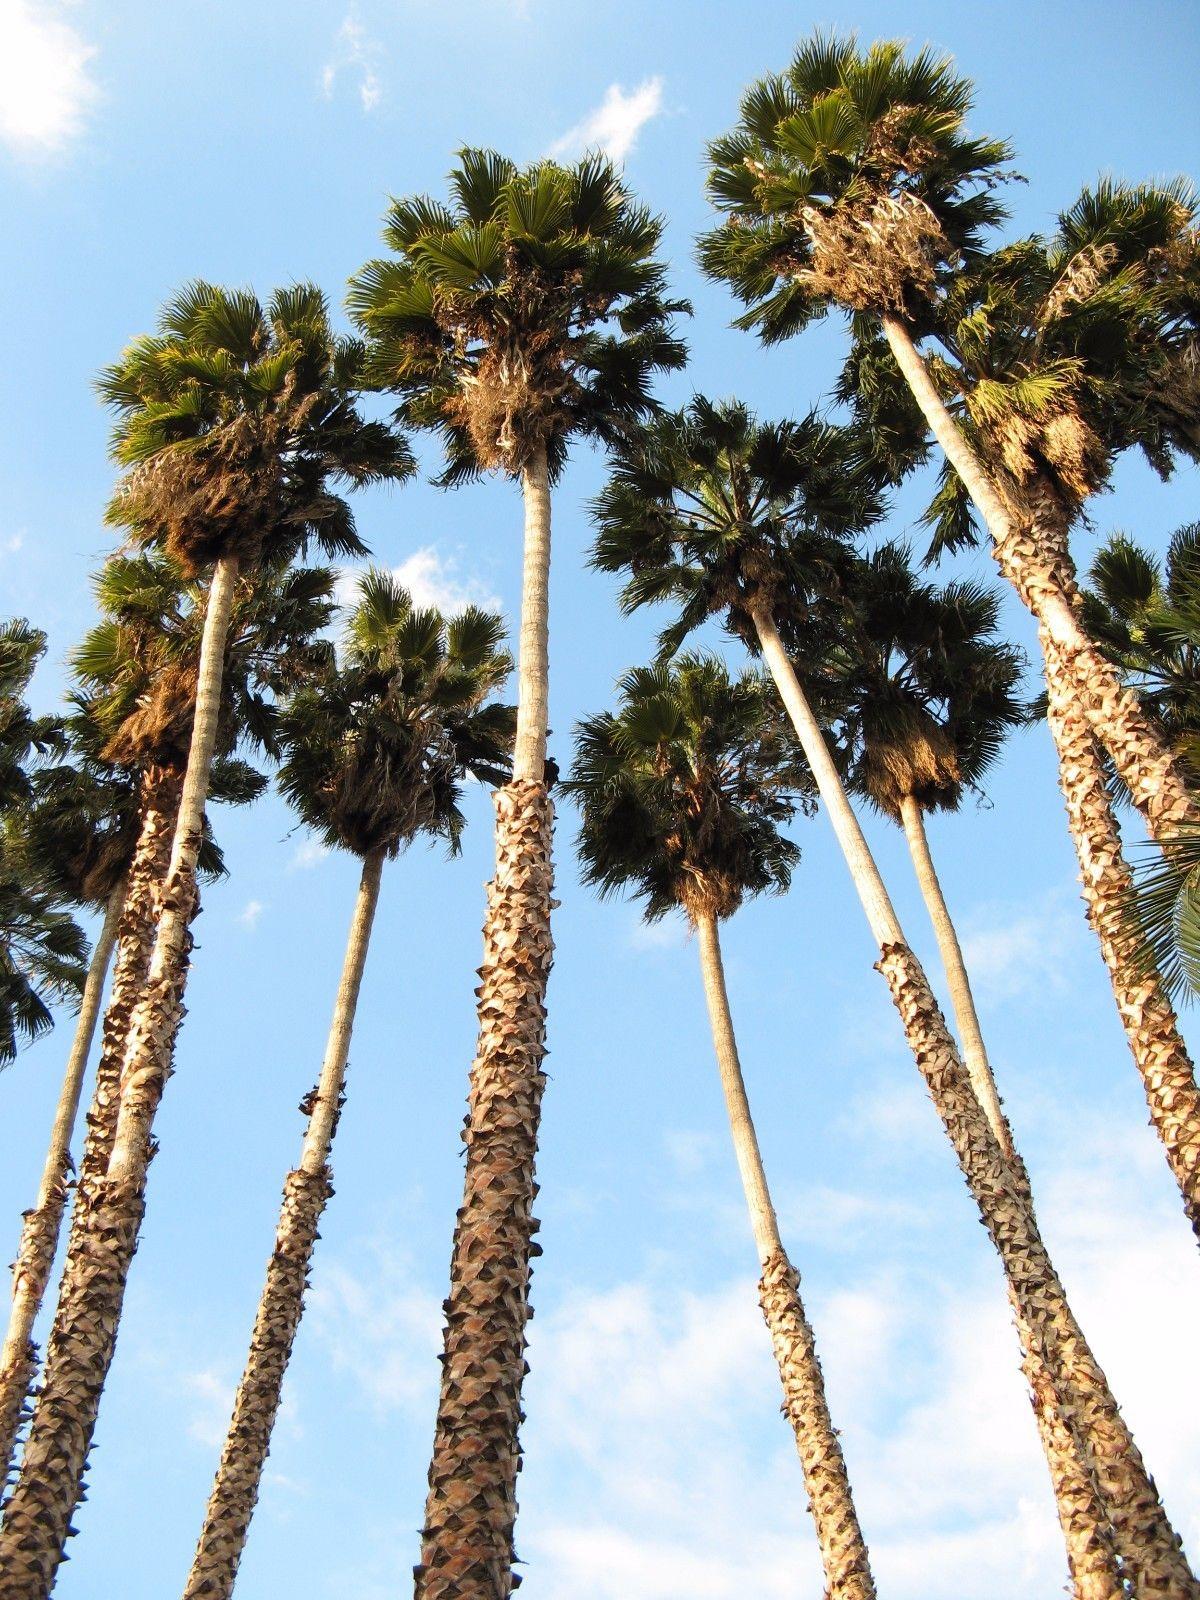 ปาล์มแคลิฟอร์เนีย - California Palm